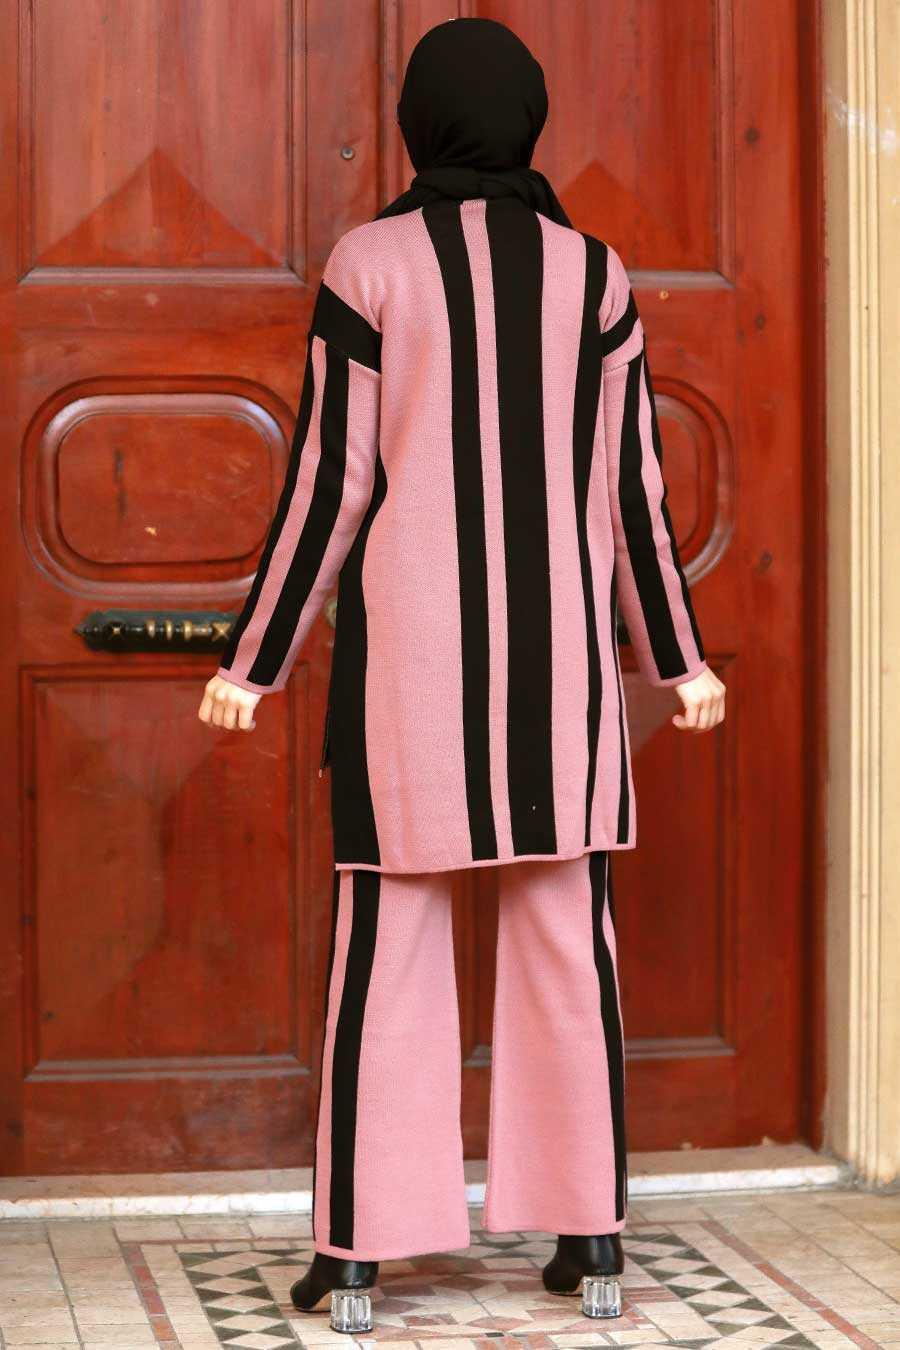 Dusty Rose Hijab Knitwear Suit Dress 3153GK